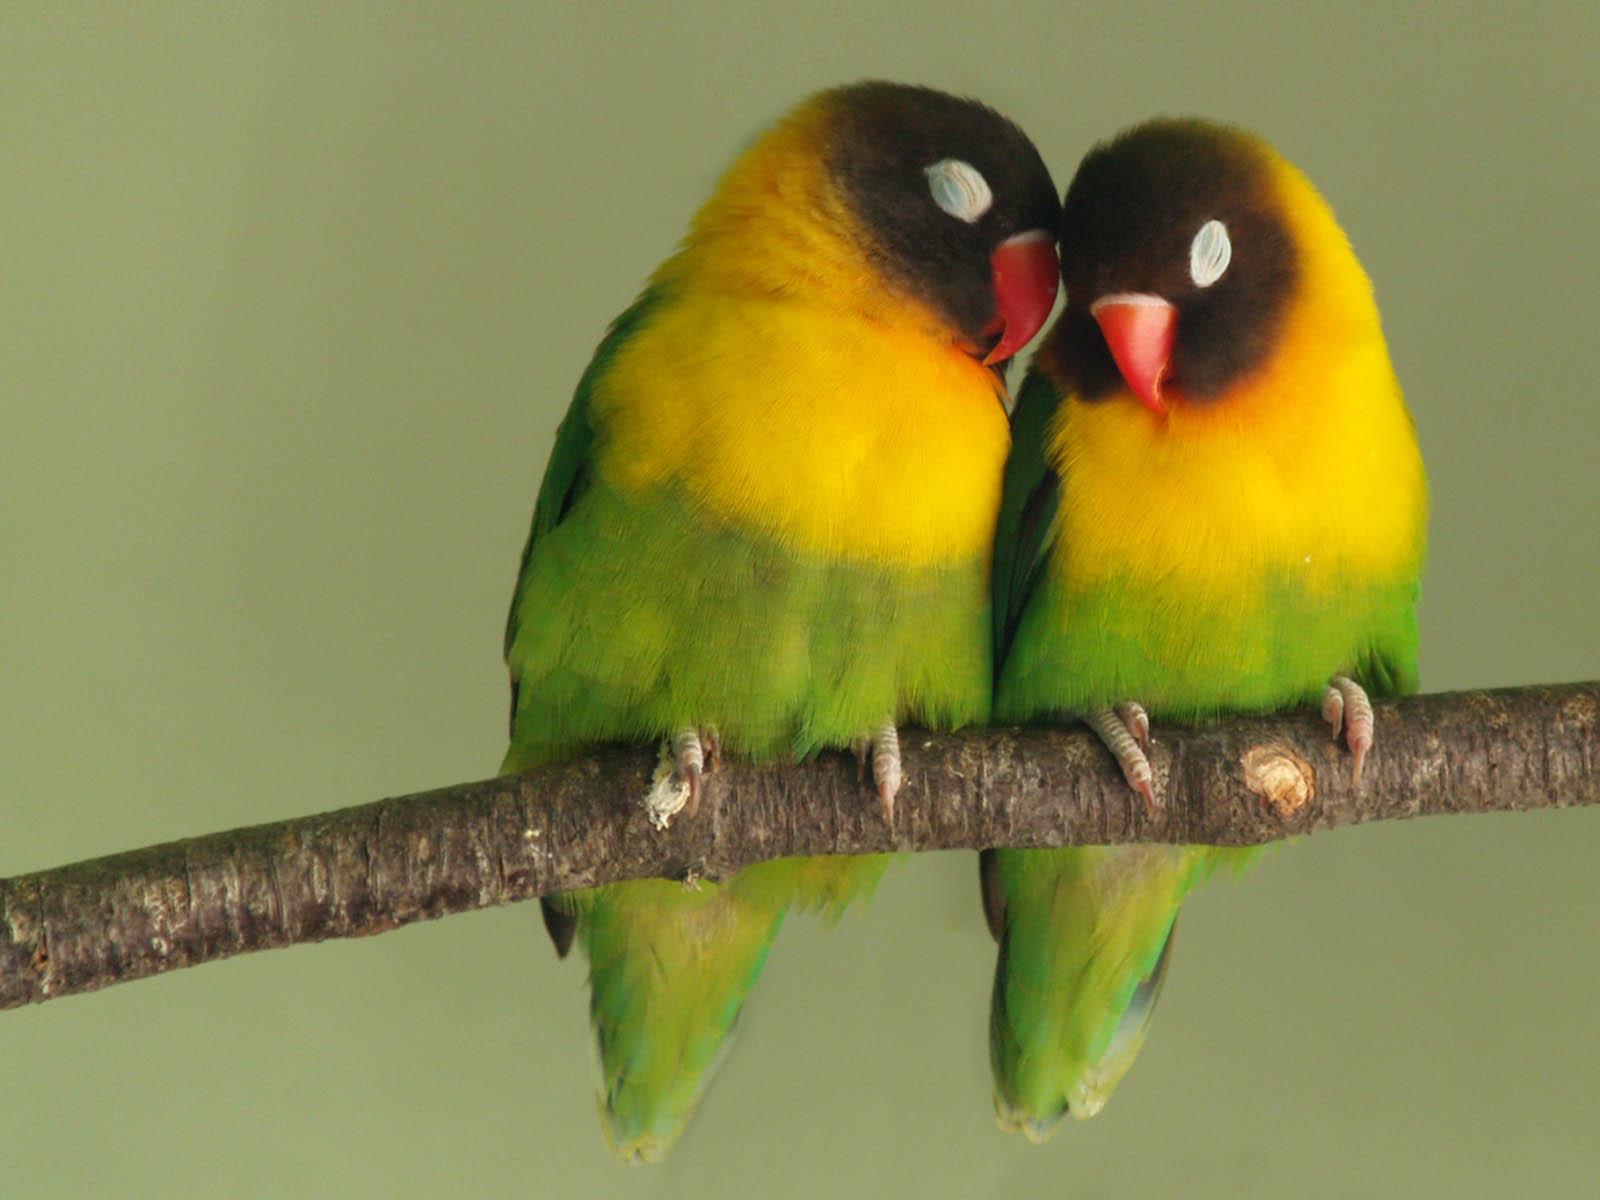 love birds wallpapers love birds desktop wallpapers love birds desktop 1600x1200